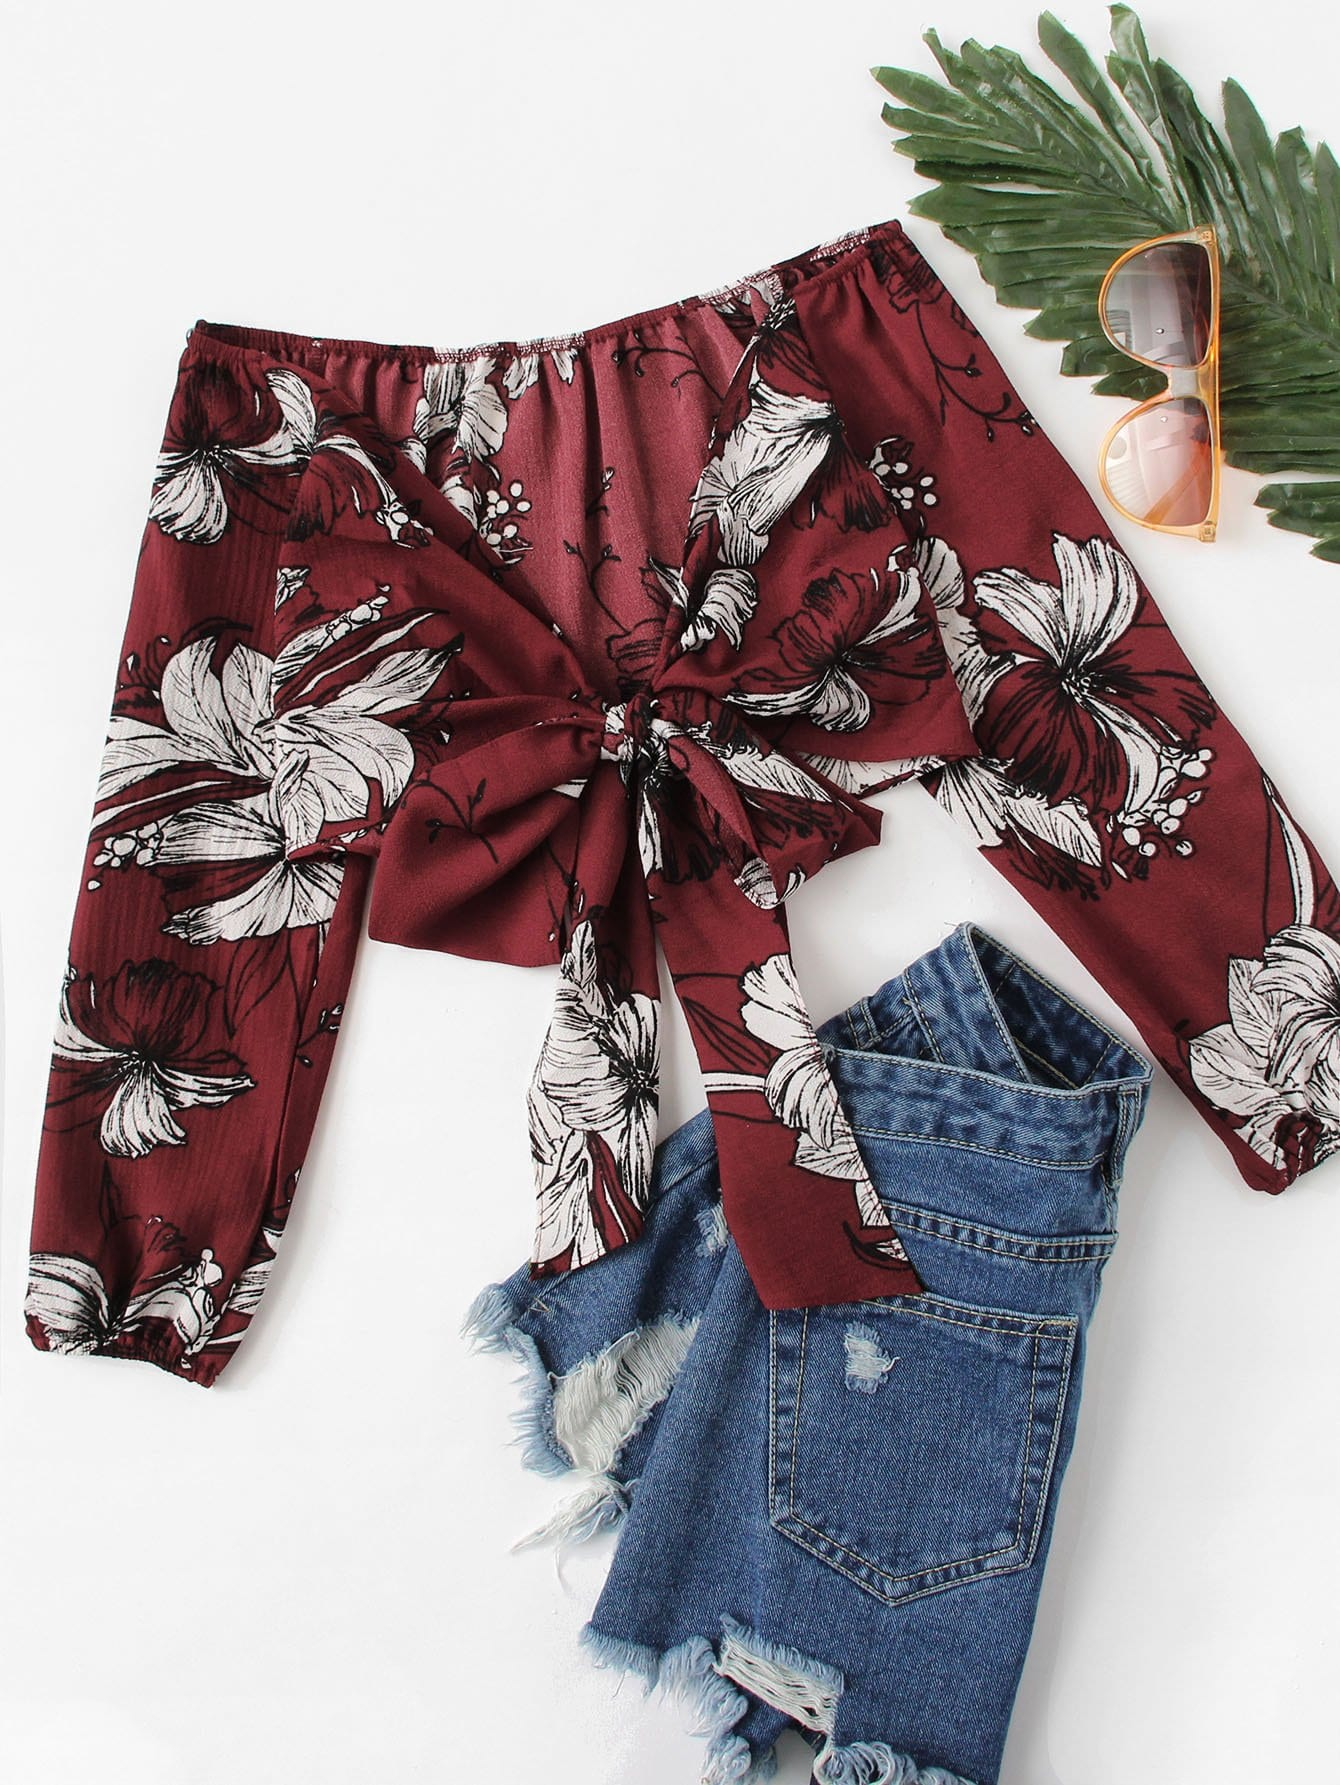 Купить Сексуальная блуза Цветочный с бантом Бордовый Блузы+рубашки, null, SheIn